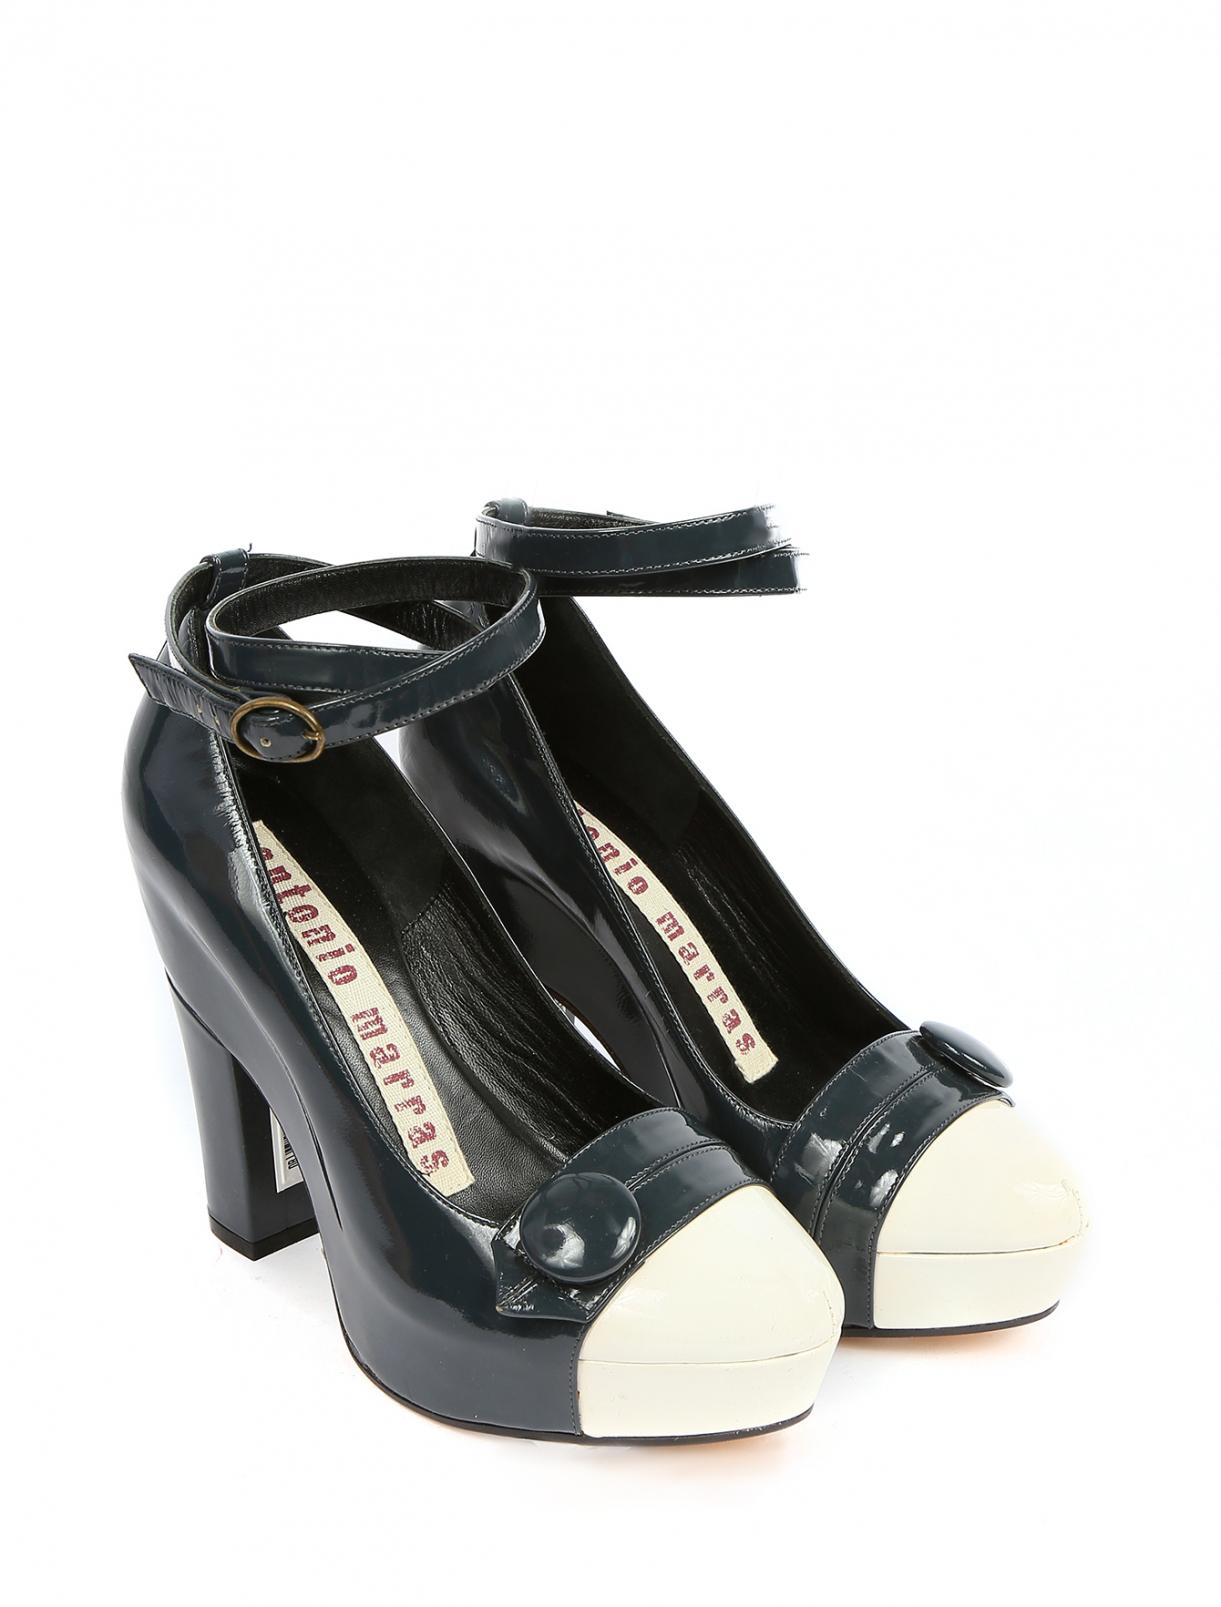 Туфли из лаковой кожи на устойчивом каблуке и платформе Antonio Marras  –  Общий вид  – Цвет:  Синий